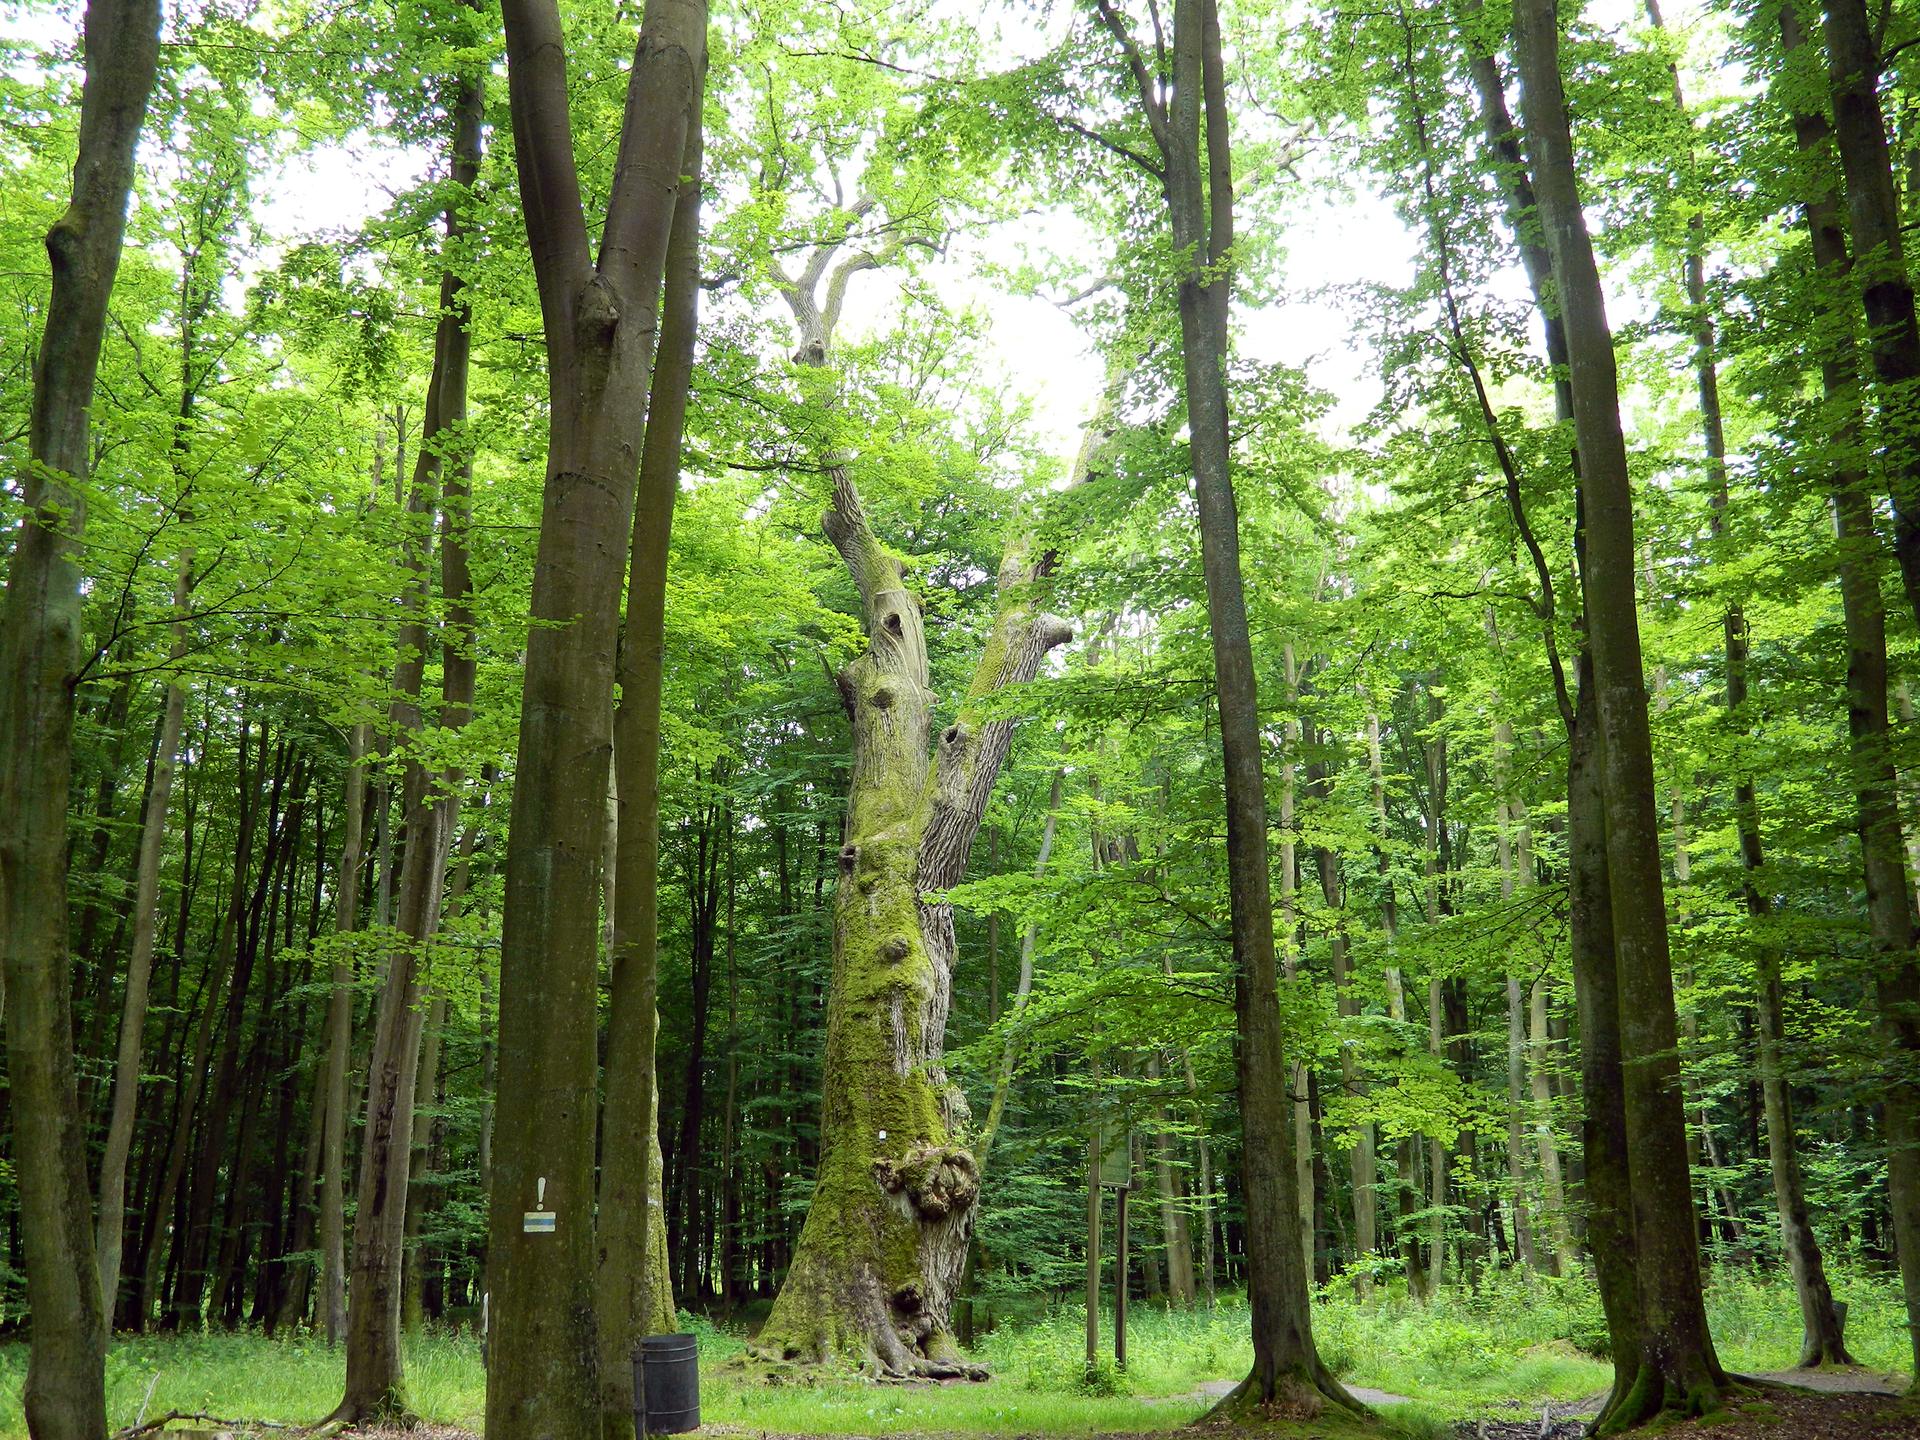 Fotografia prezentuje las liściasty. Wtle widoczny gruby pień dębu.